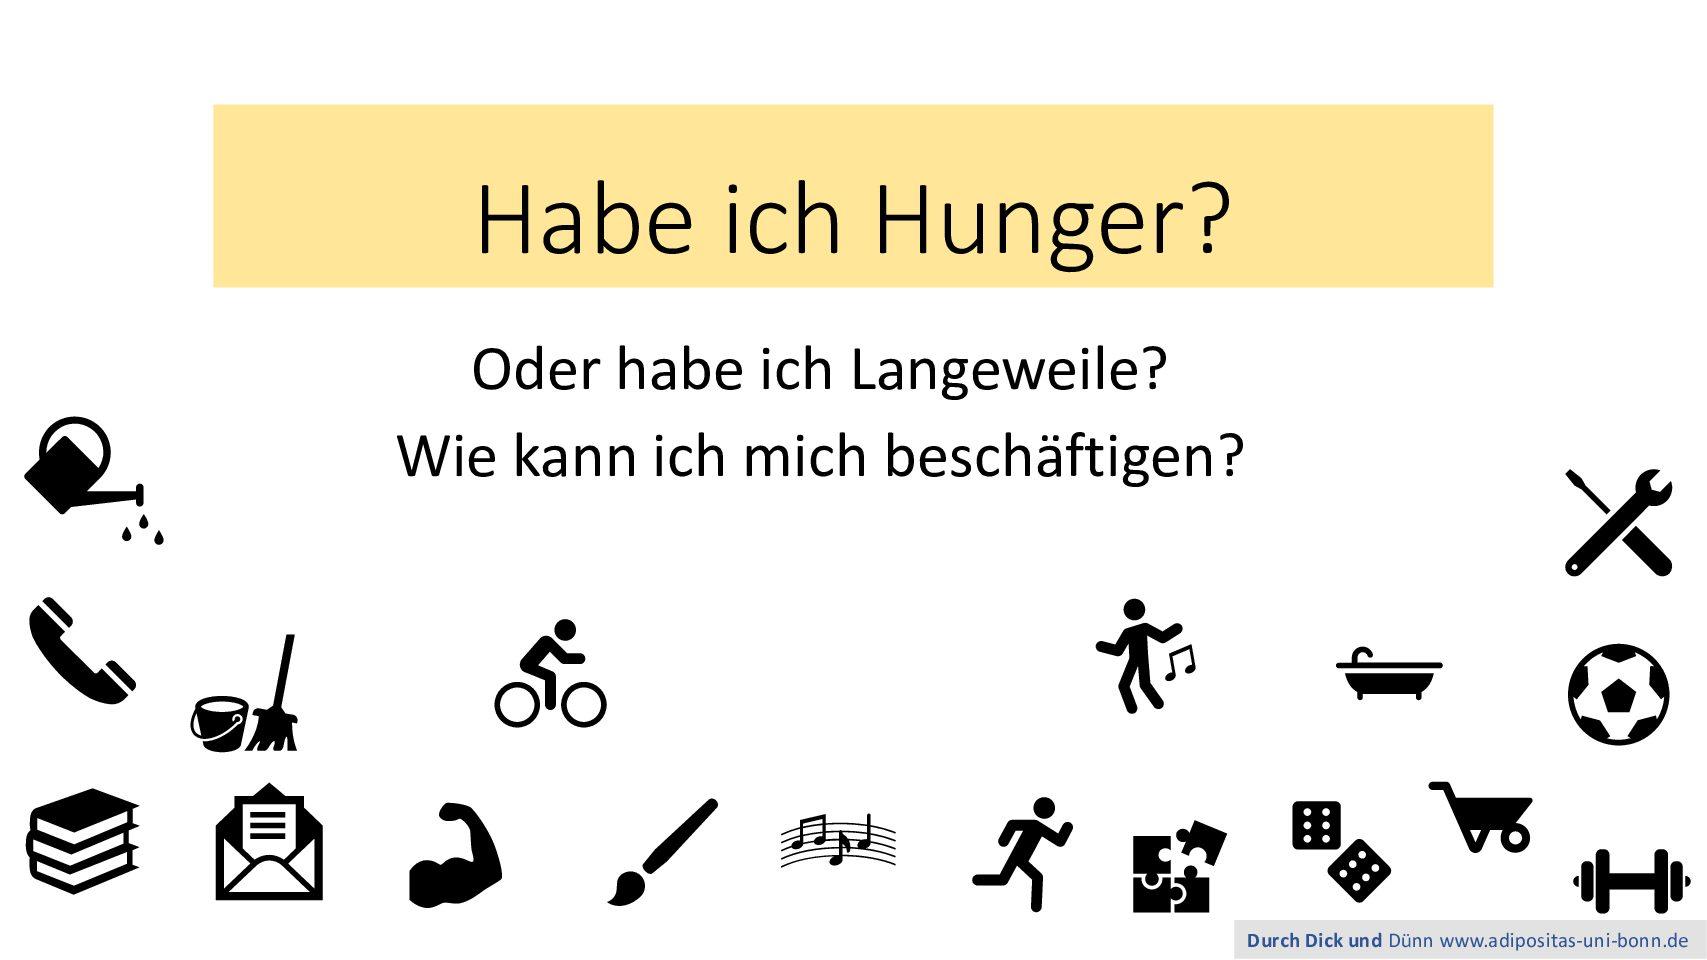 Habe ich Hunger?